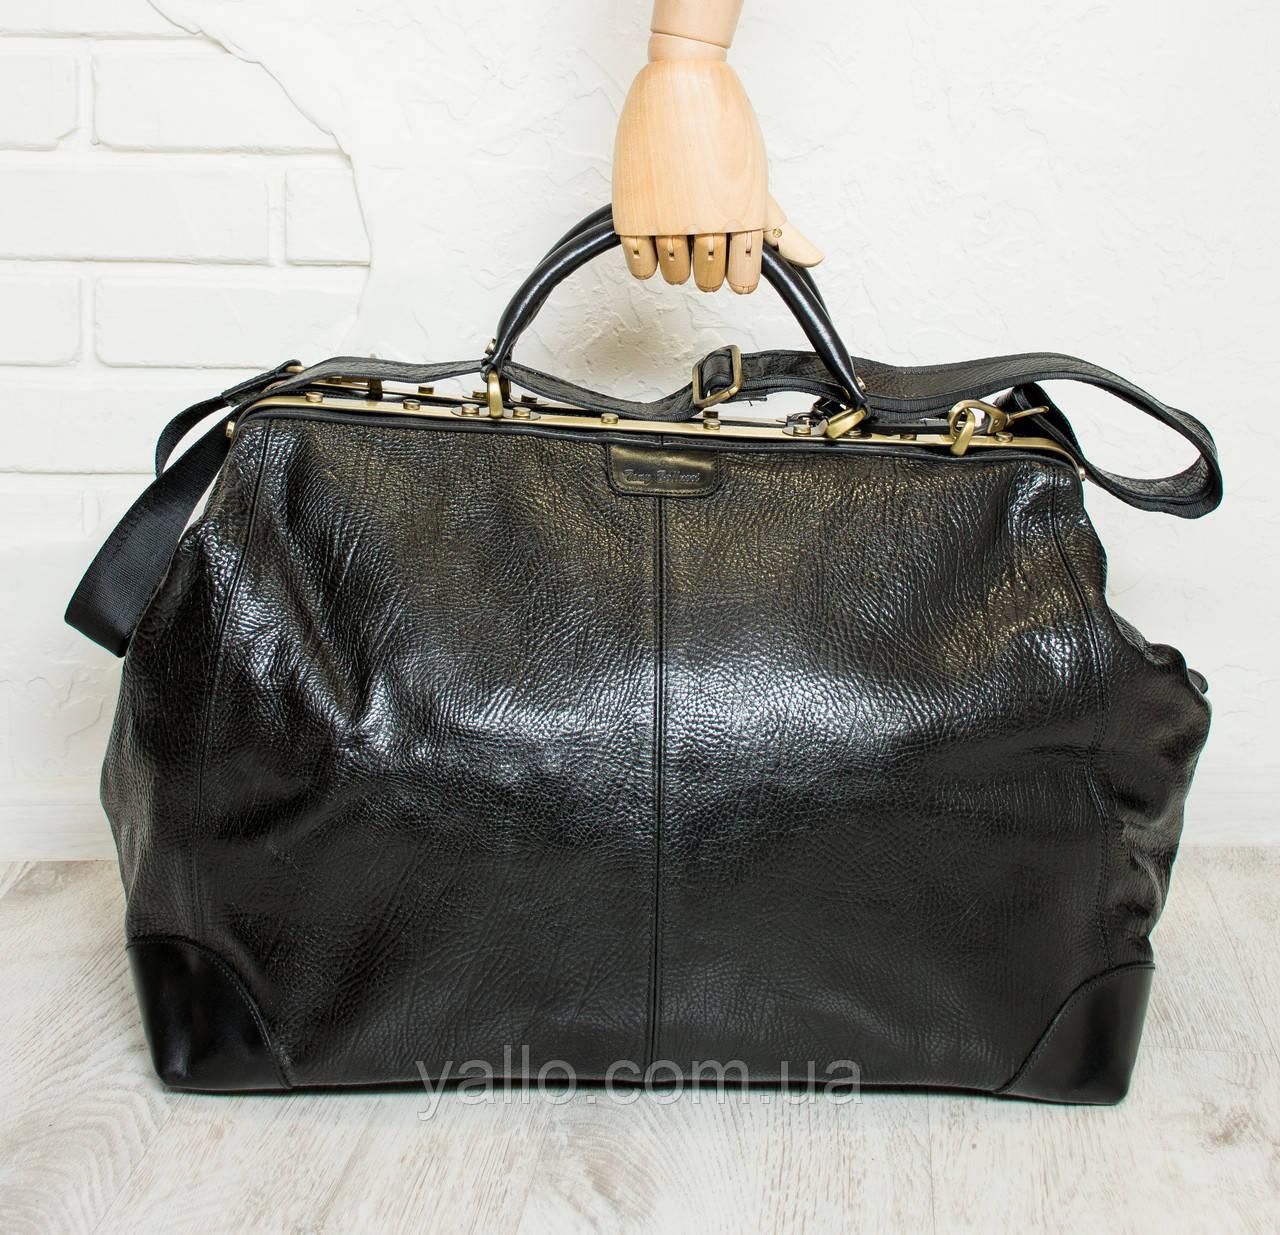 Дорожная кожаная сумка Tony Bellucci T5063-893